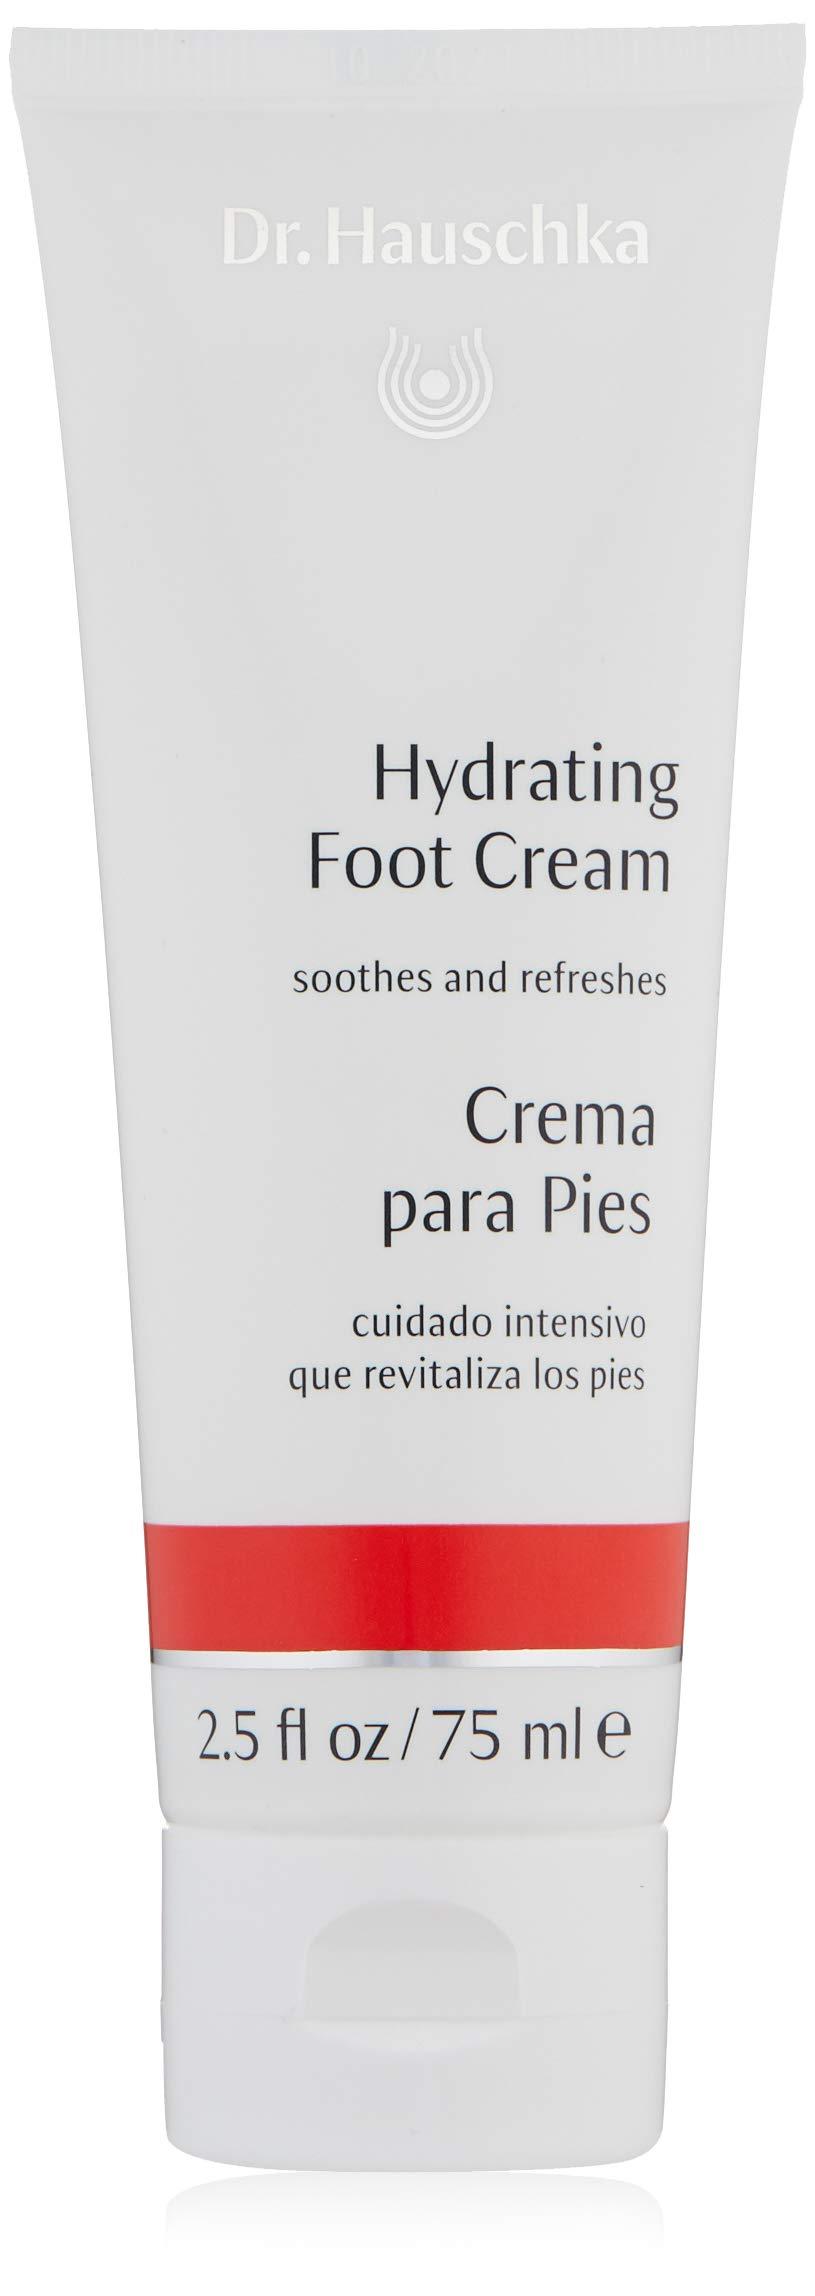 Dr. Hauschka Hydrating Foot Cream, 2.5 Fl Oz